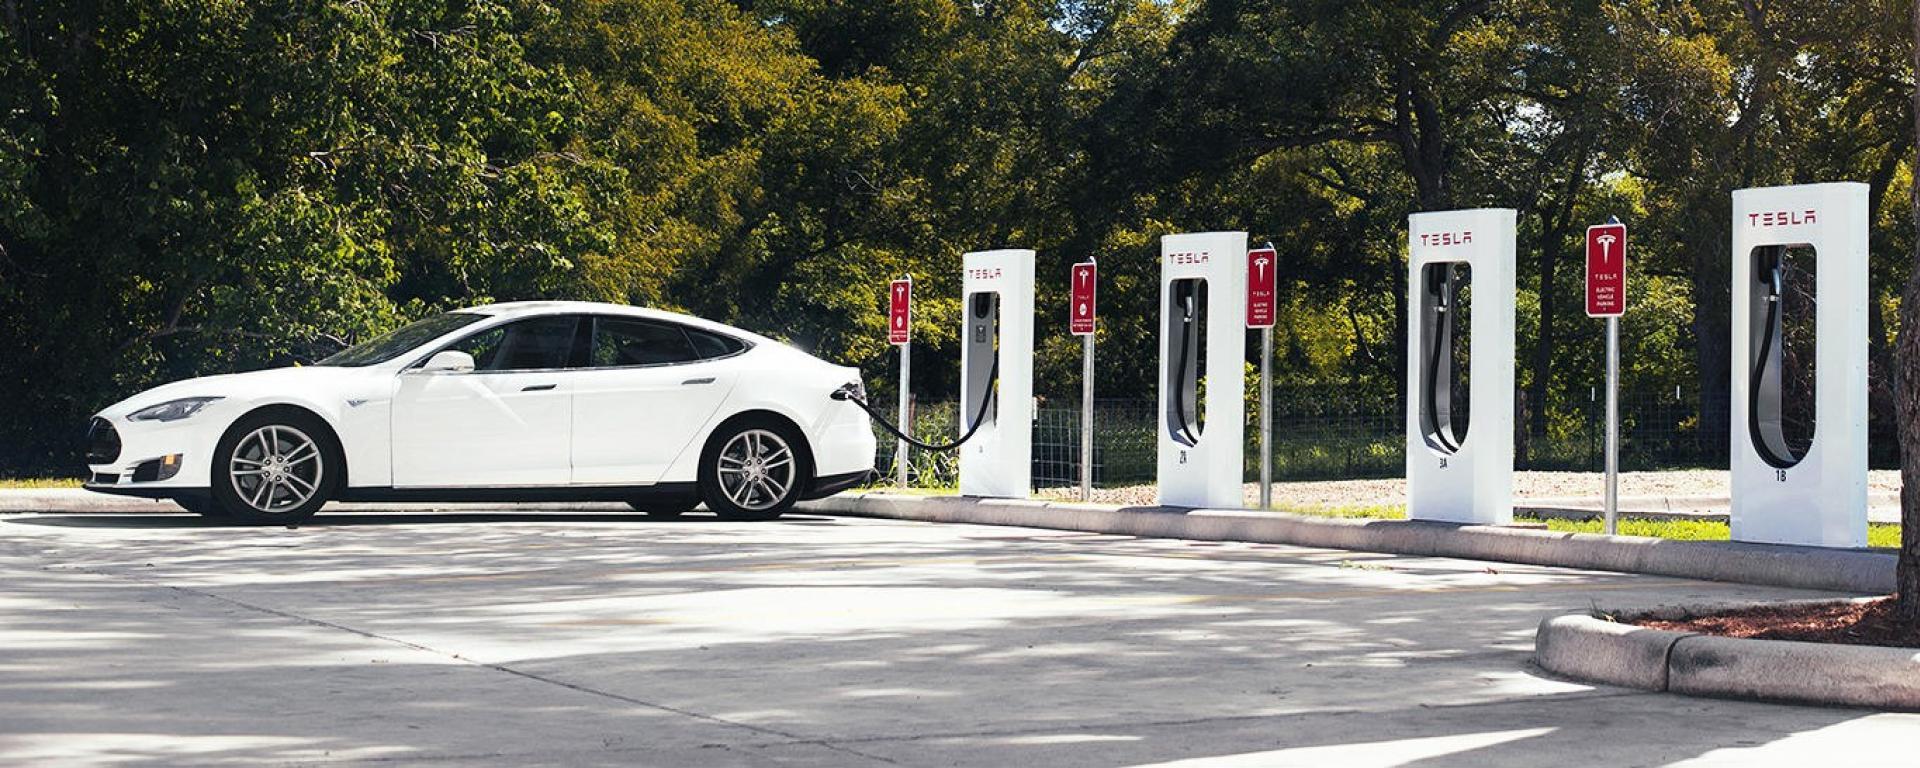 Auto elettrica in ricarica a una colonnina Tesla